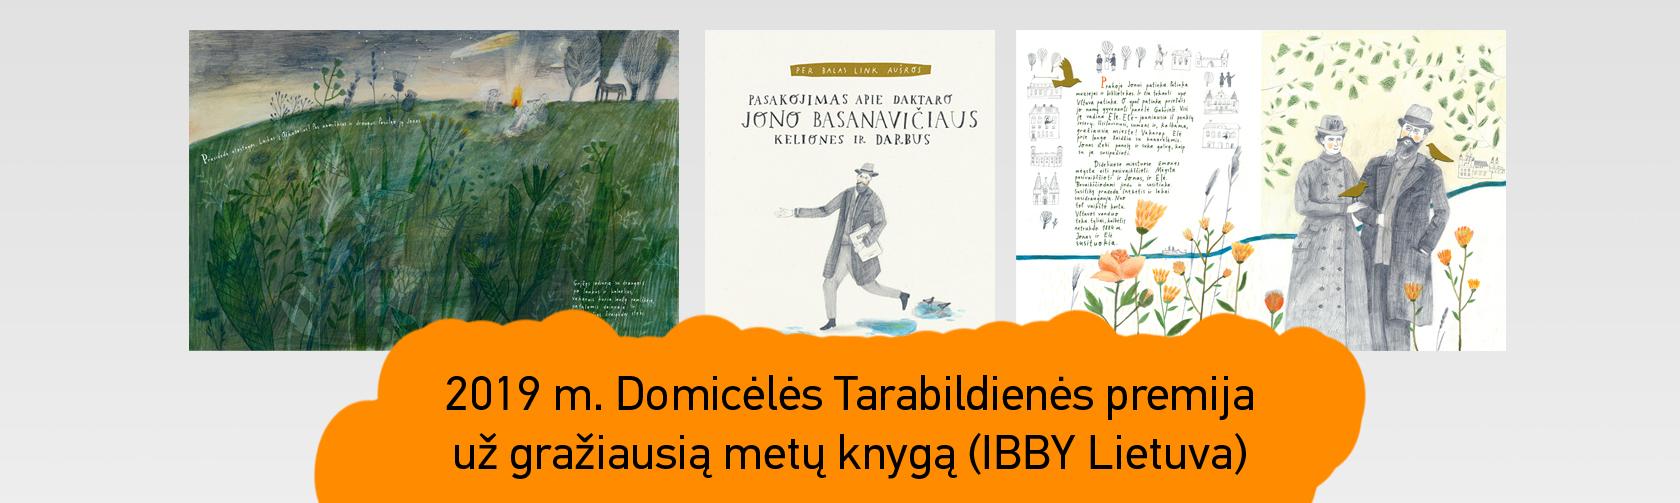 Basanavicius